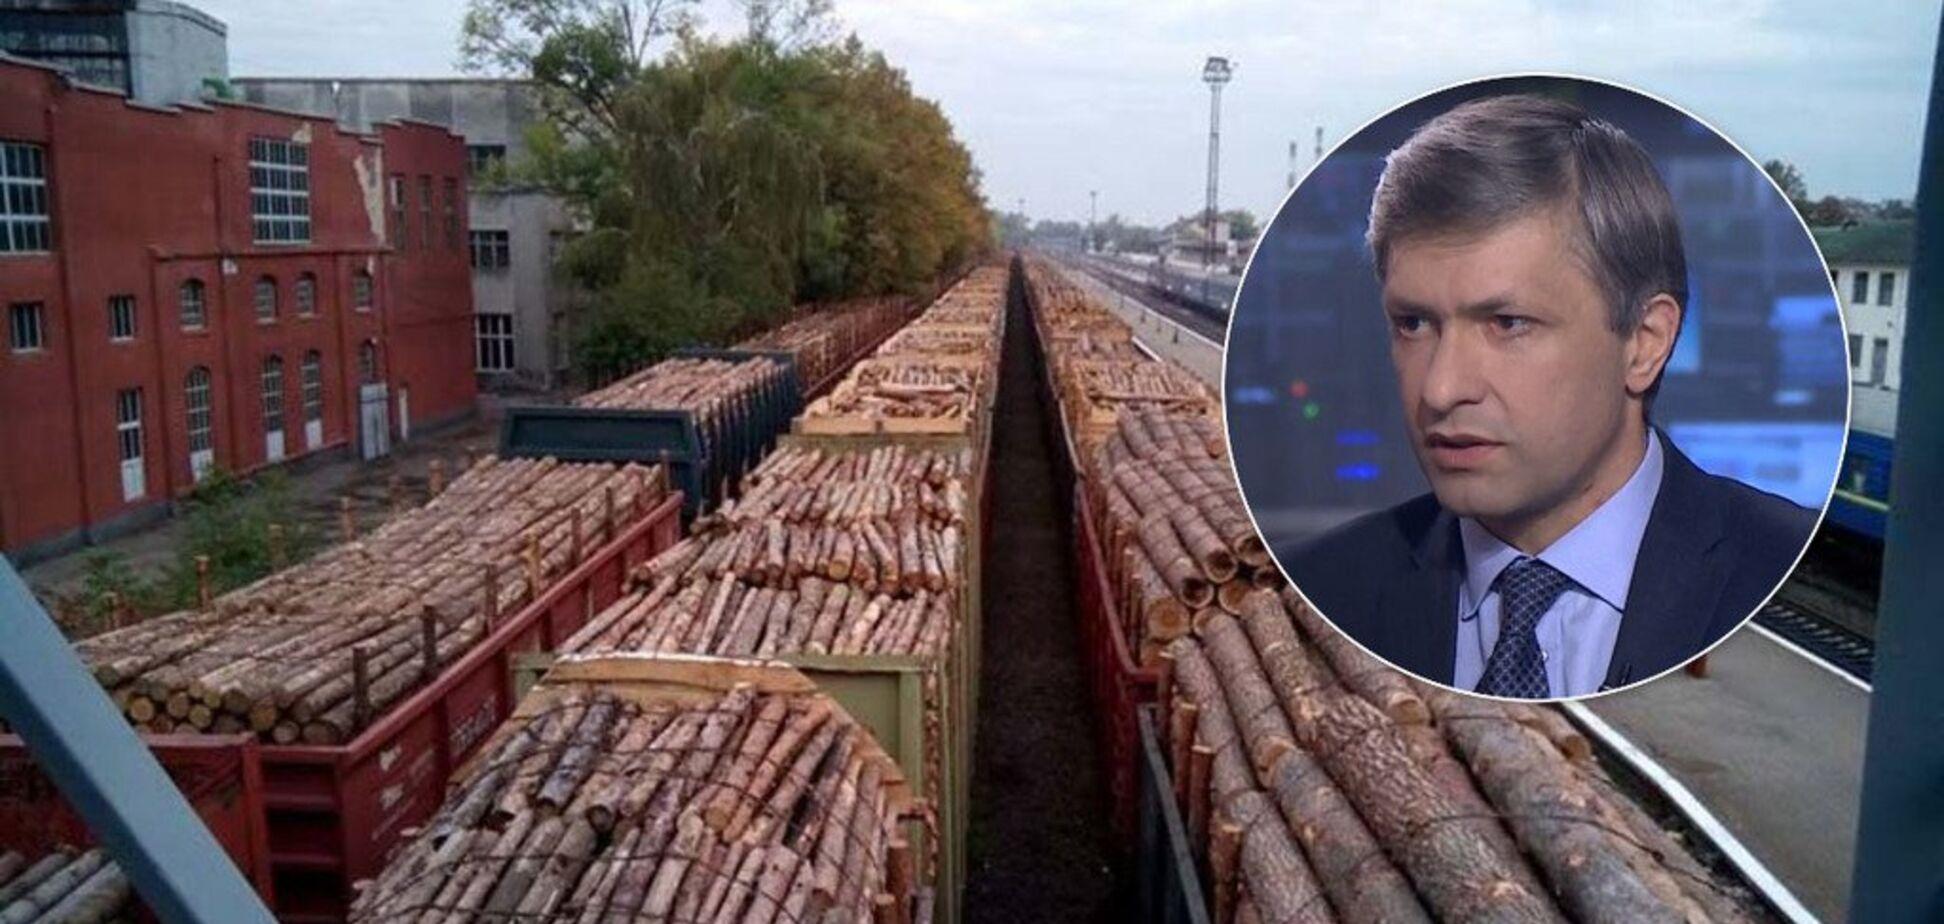 Скандальное заявление вице-премьера по вырубке леса: экс-нардеп указал на ошибку Кабмина